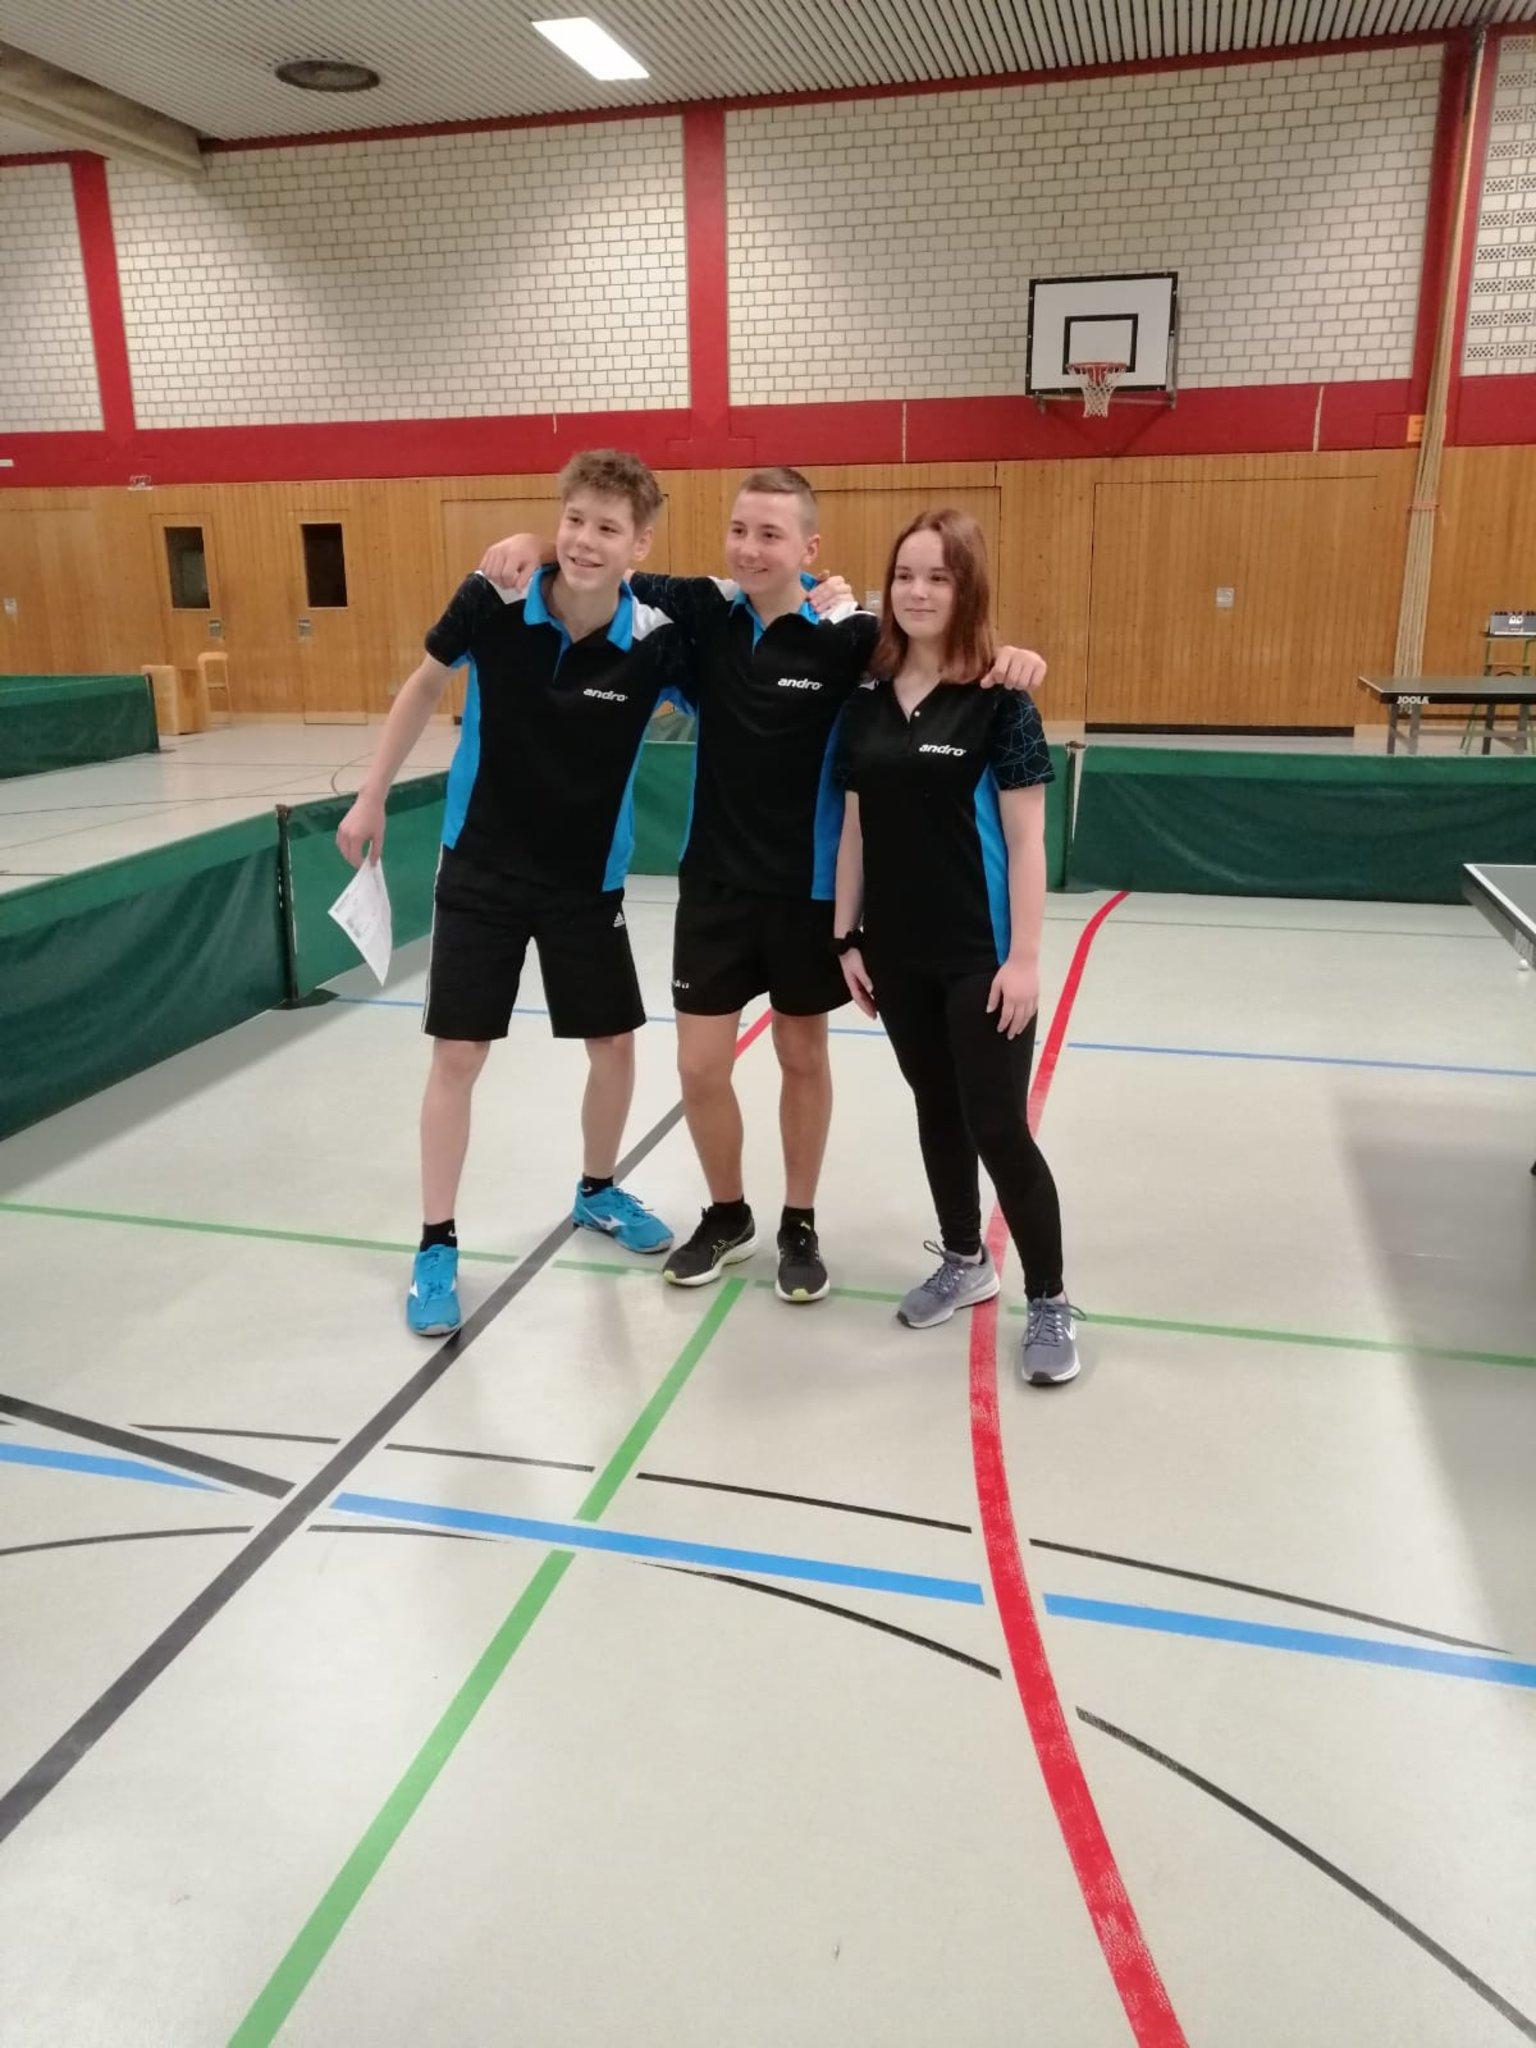 Tischtennis in Gladbeck: Gutes Wochenende für die DJK TTG Gladbeck-Süd - Gladbeck - Lokalkompass.de